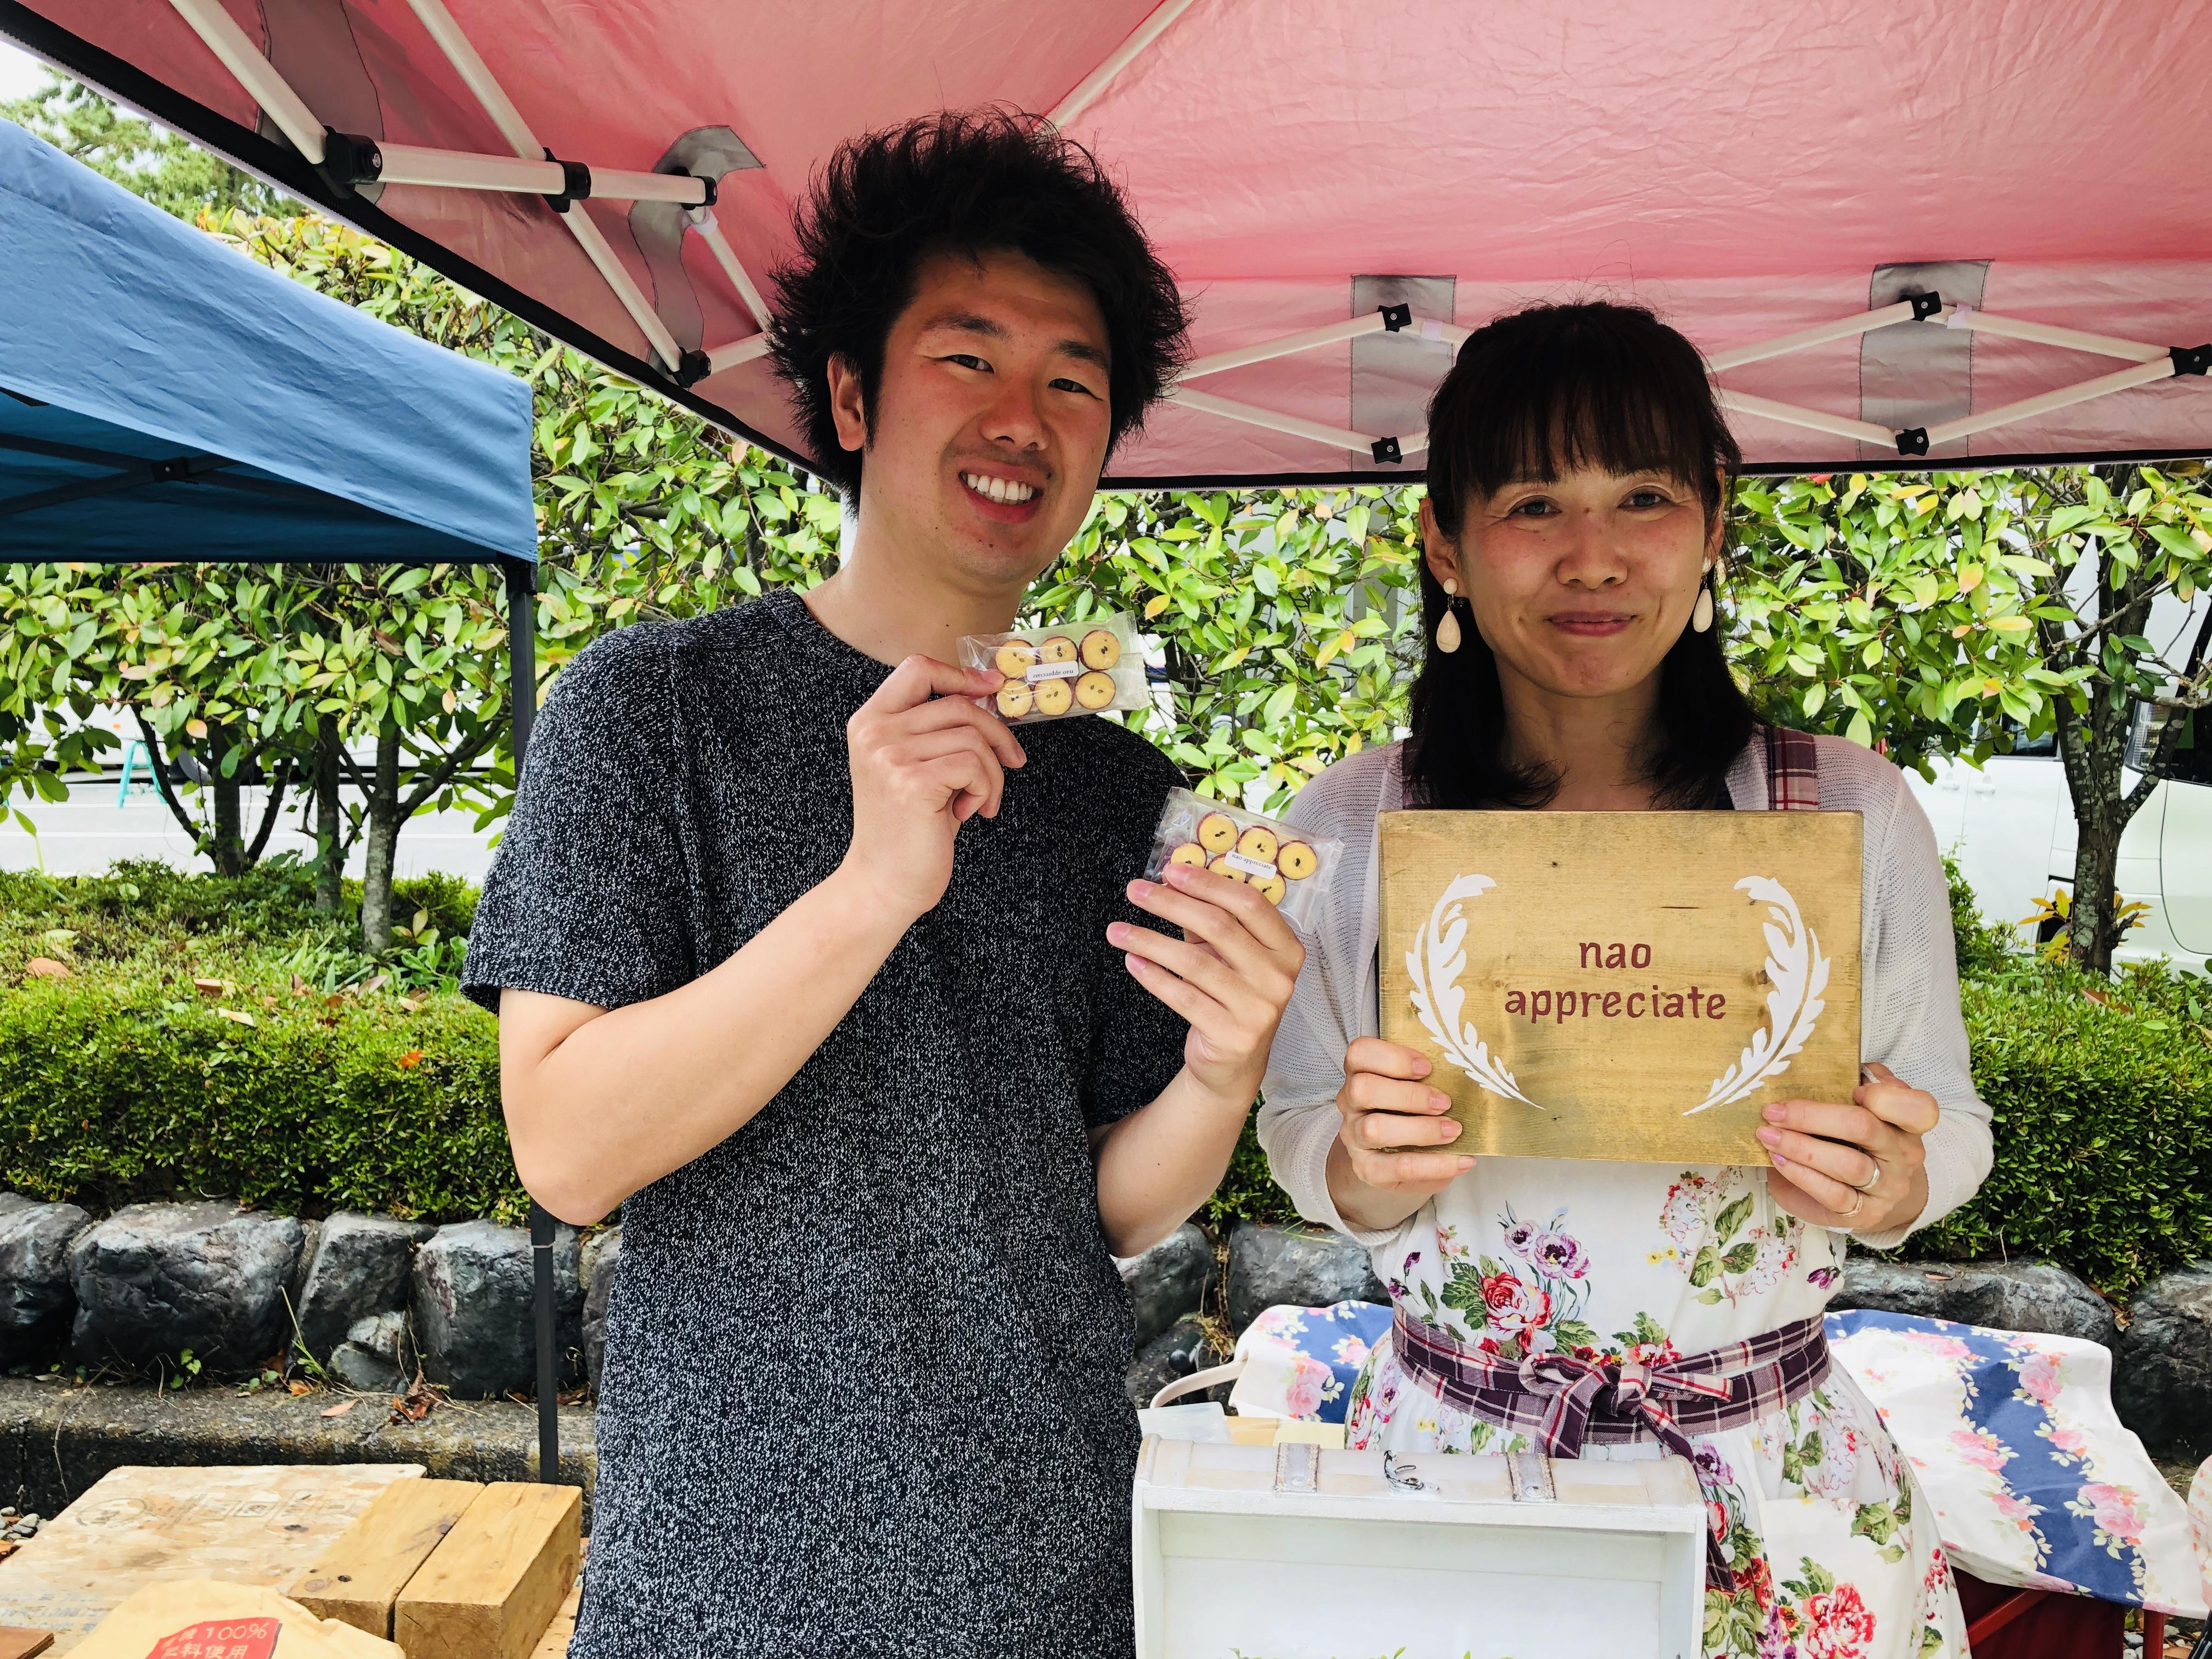 滋賀県彦根市の焼き菓子「nao appreciate」の口コミとおすすめ